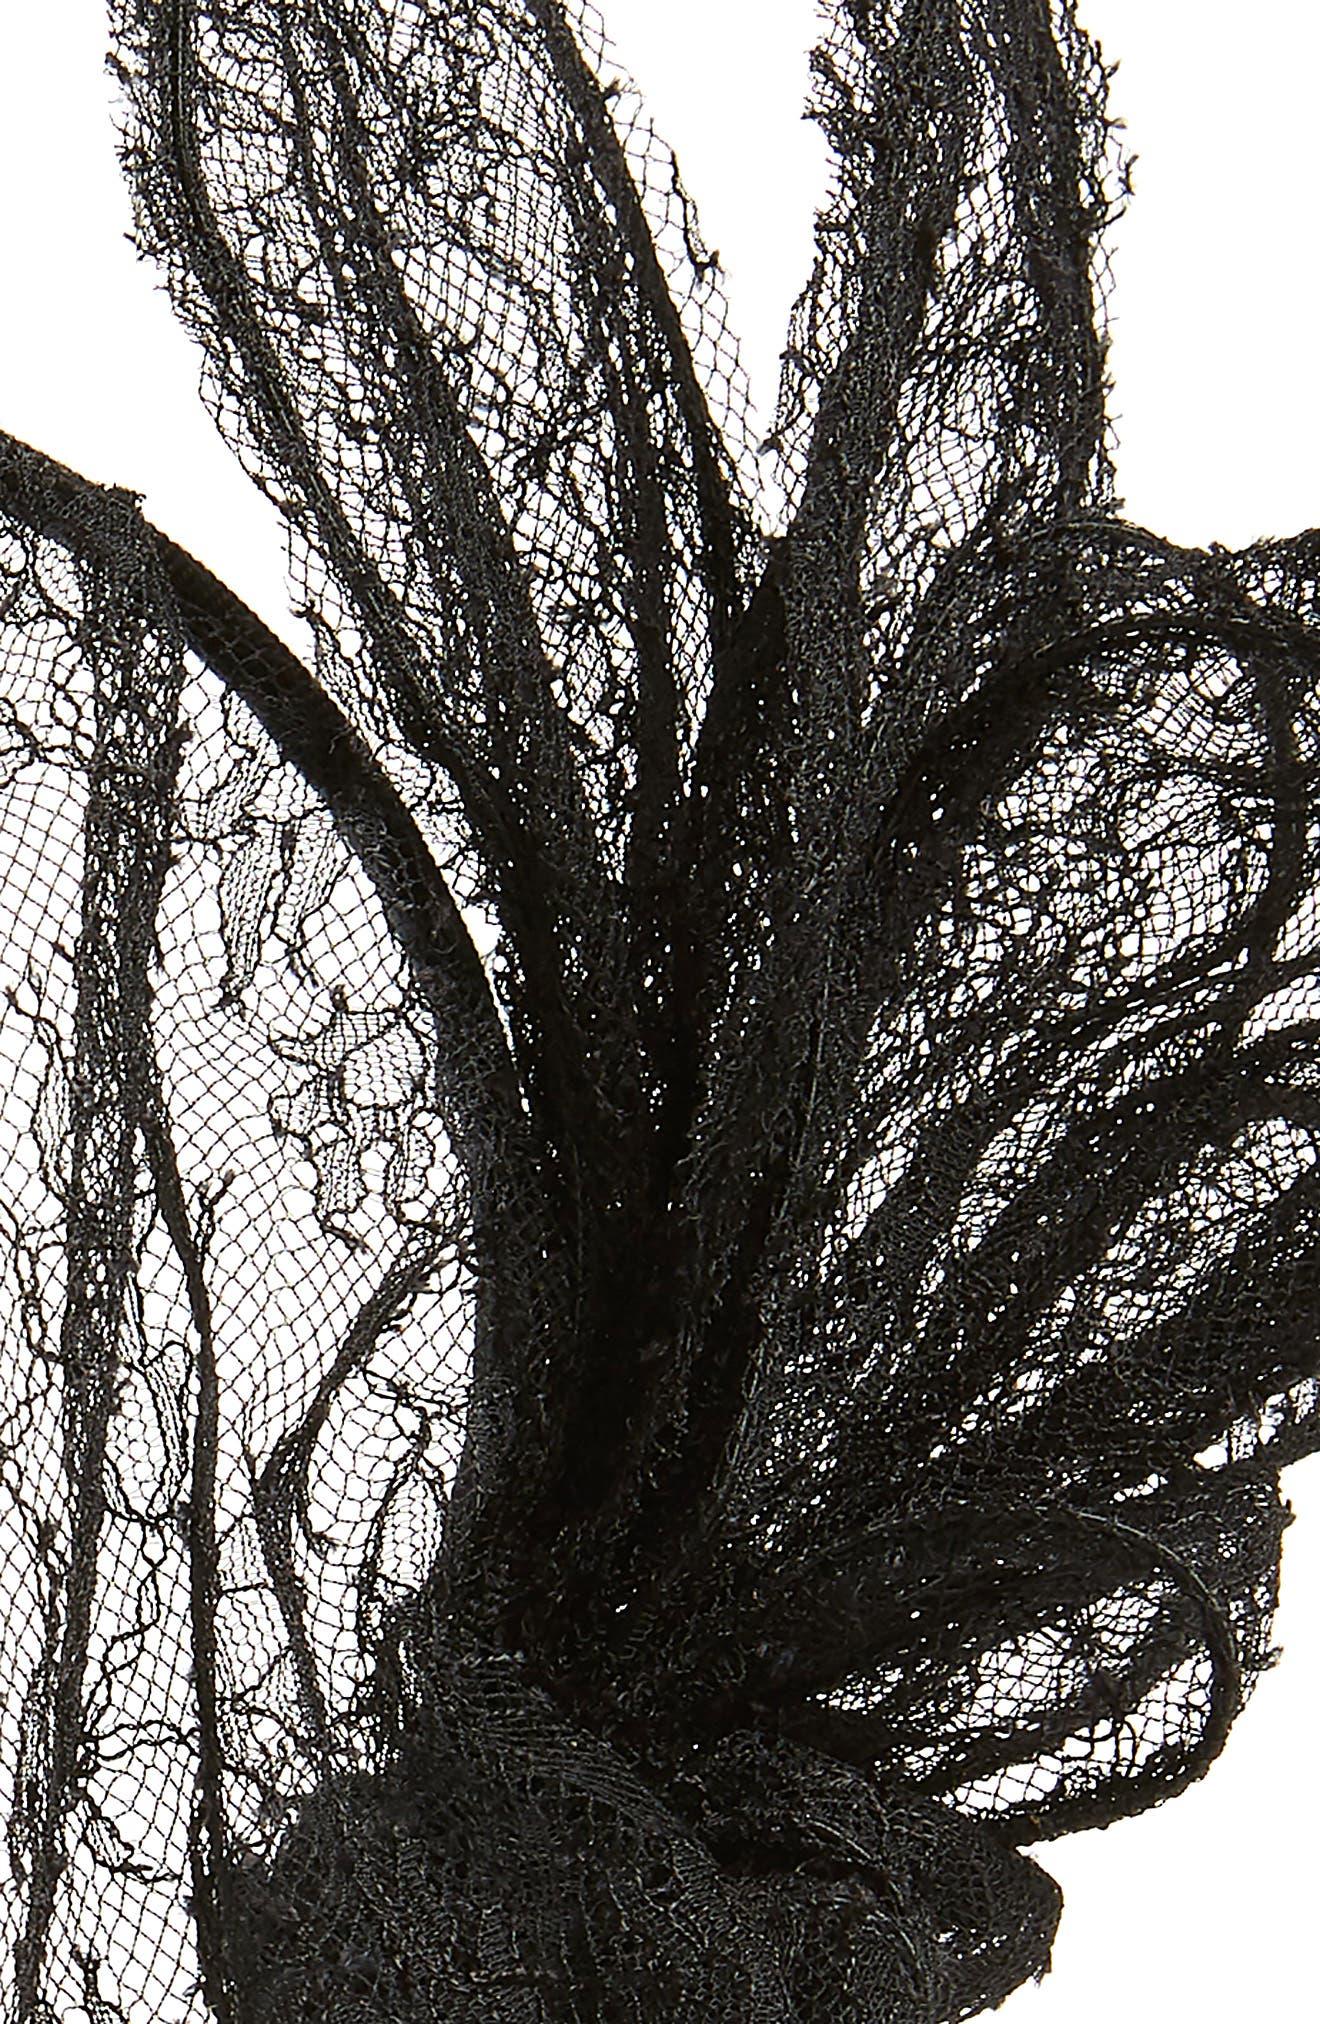 MAISON MICHEL, Clémentine Lace Veil Headband, Alternate thumbnail 2, color, BLACK